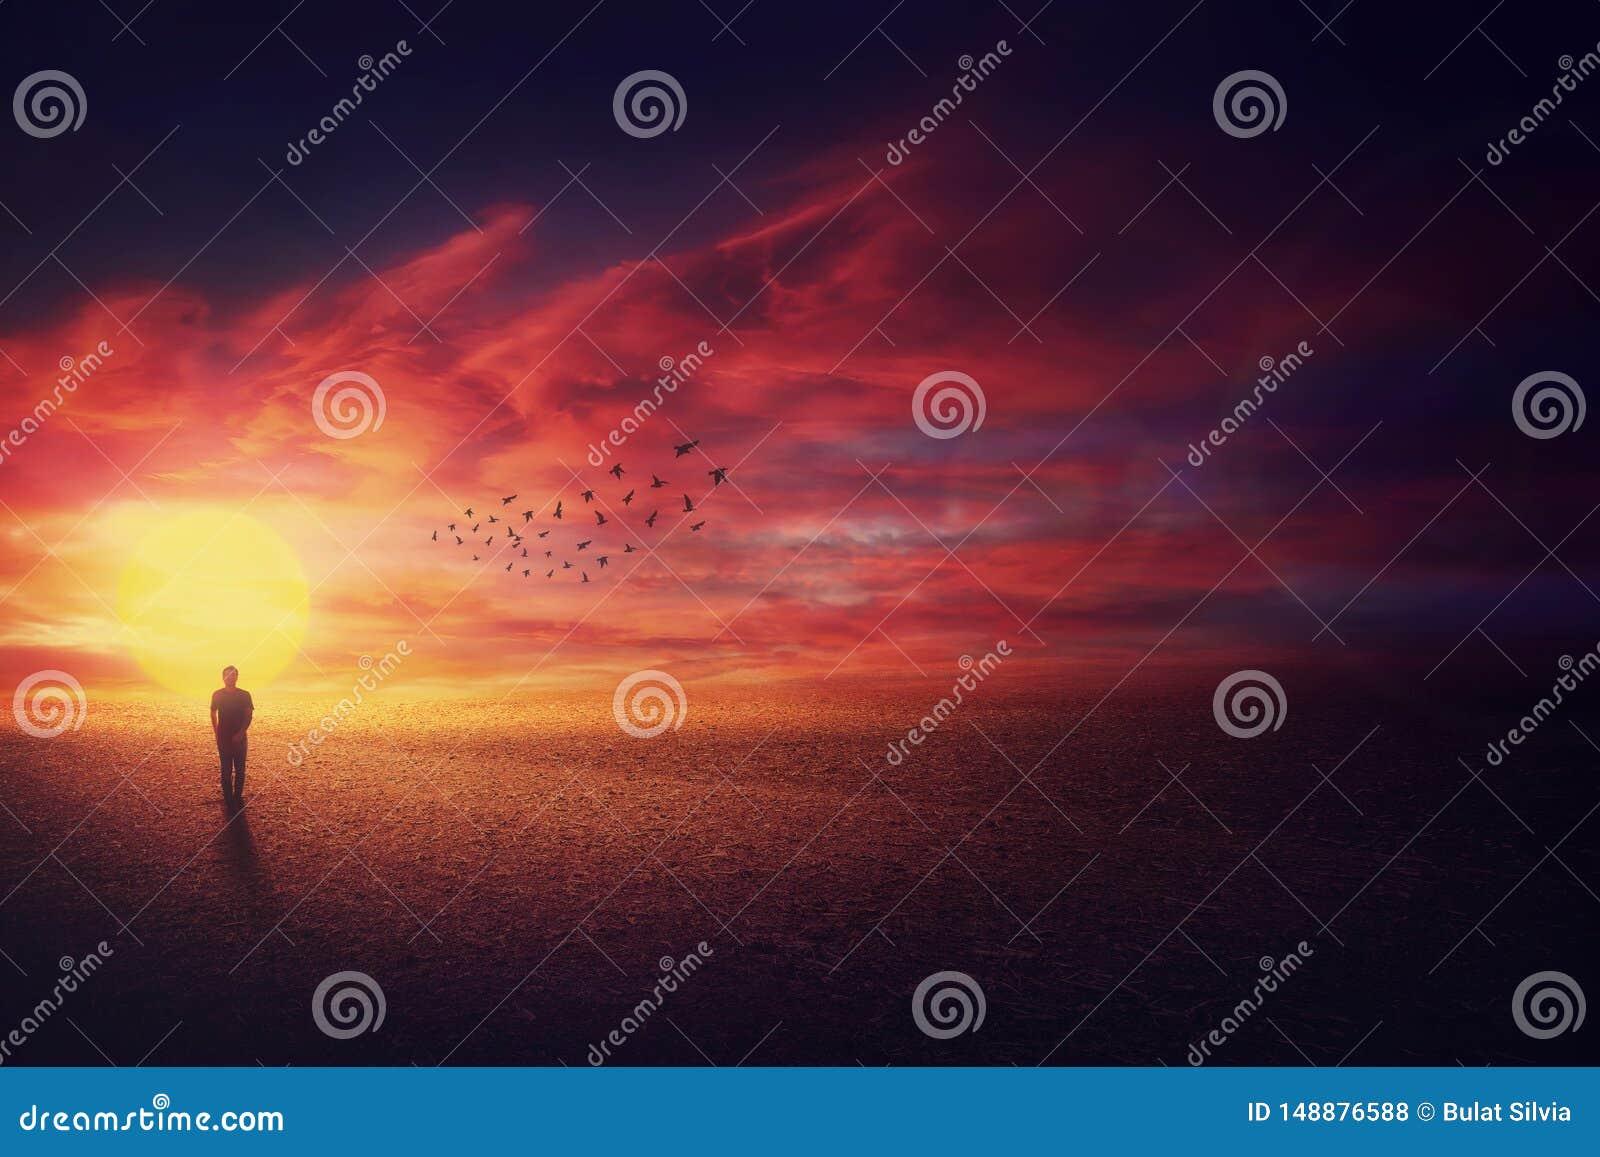 Surreale Landschaftsansicht als Wandererkerlschattenbild, das vor sch?nem Sonnenuntergangshintergrund geht und eine Menge von den